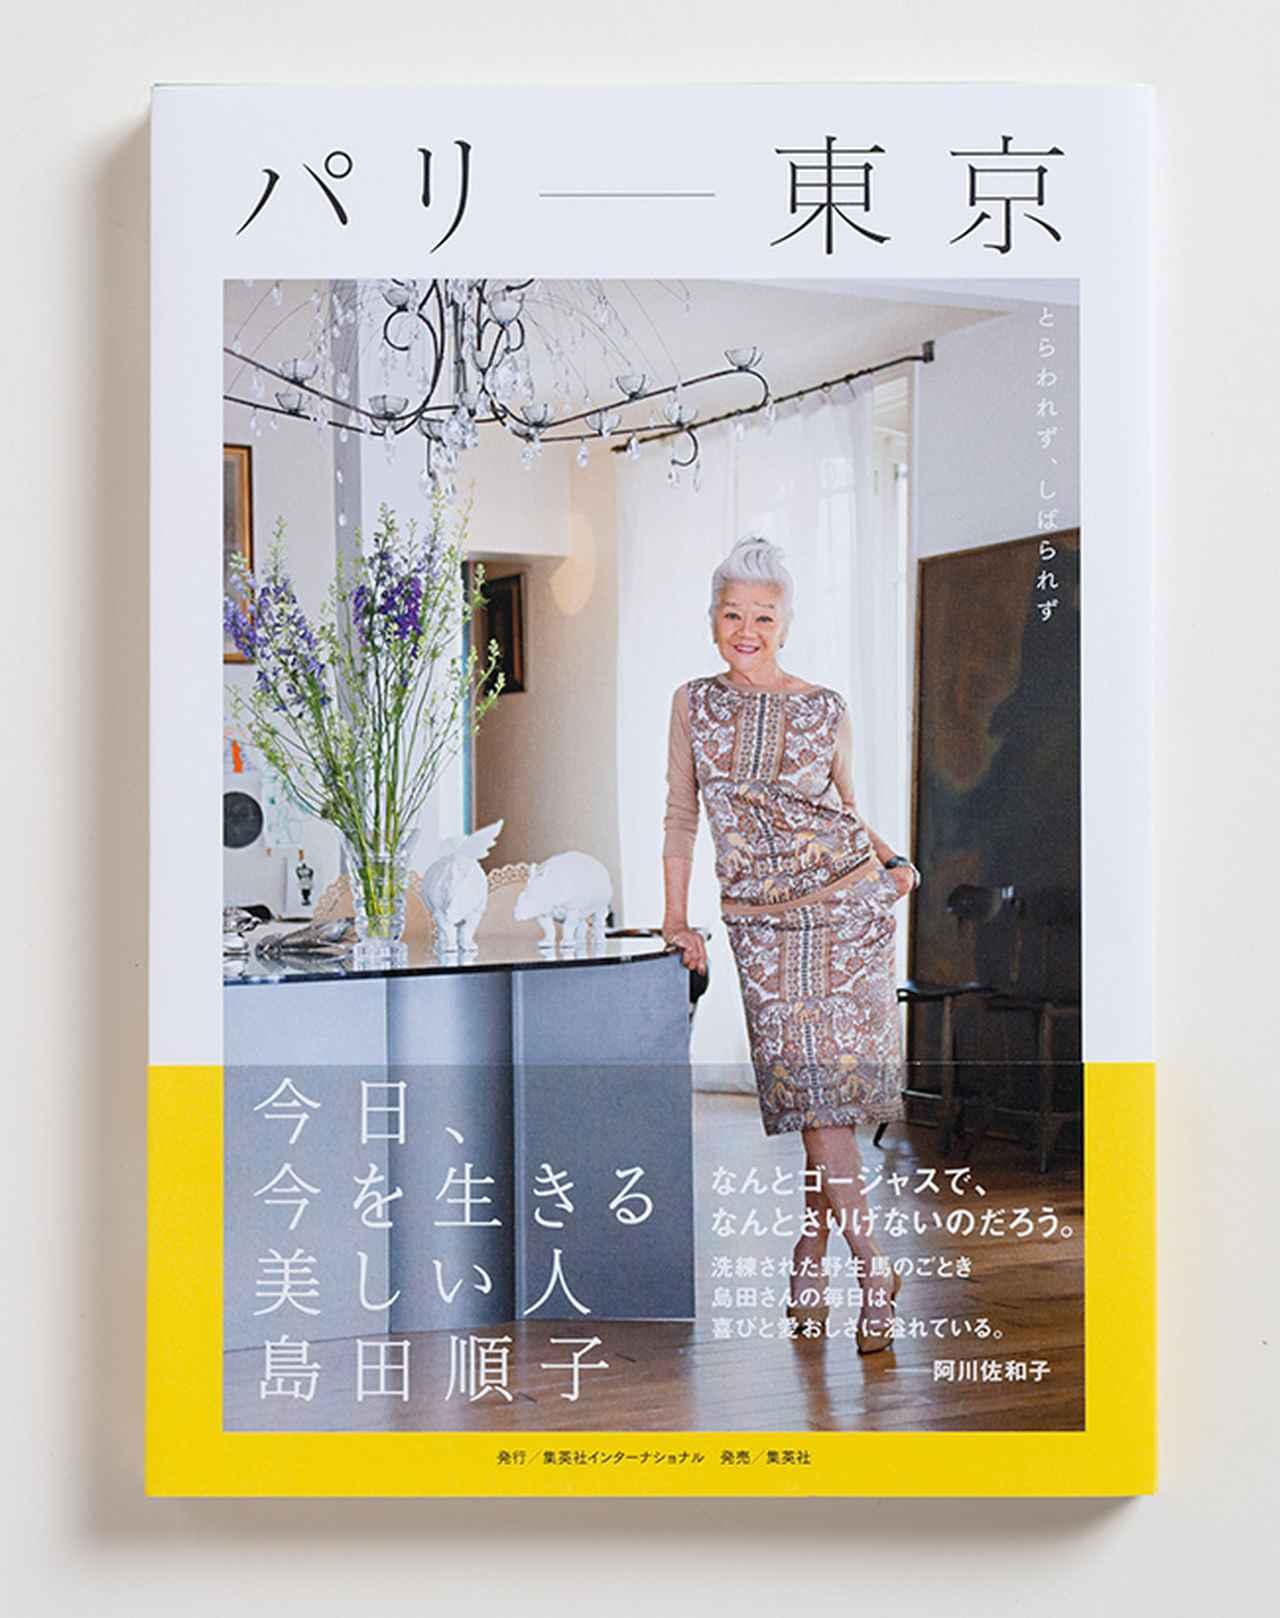 Images : 7番目の画像 - 「デザイナー 島田順子が語る、 人をもてなし、人生の喜びを ともに分かち合う日々」のアルバム - T JAPAN:The New York Times Style Magazine 公式サイト